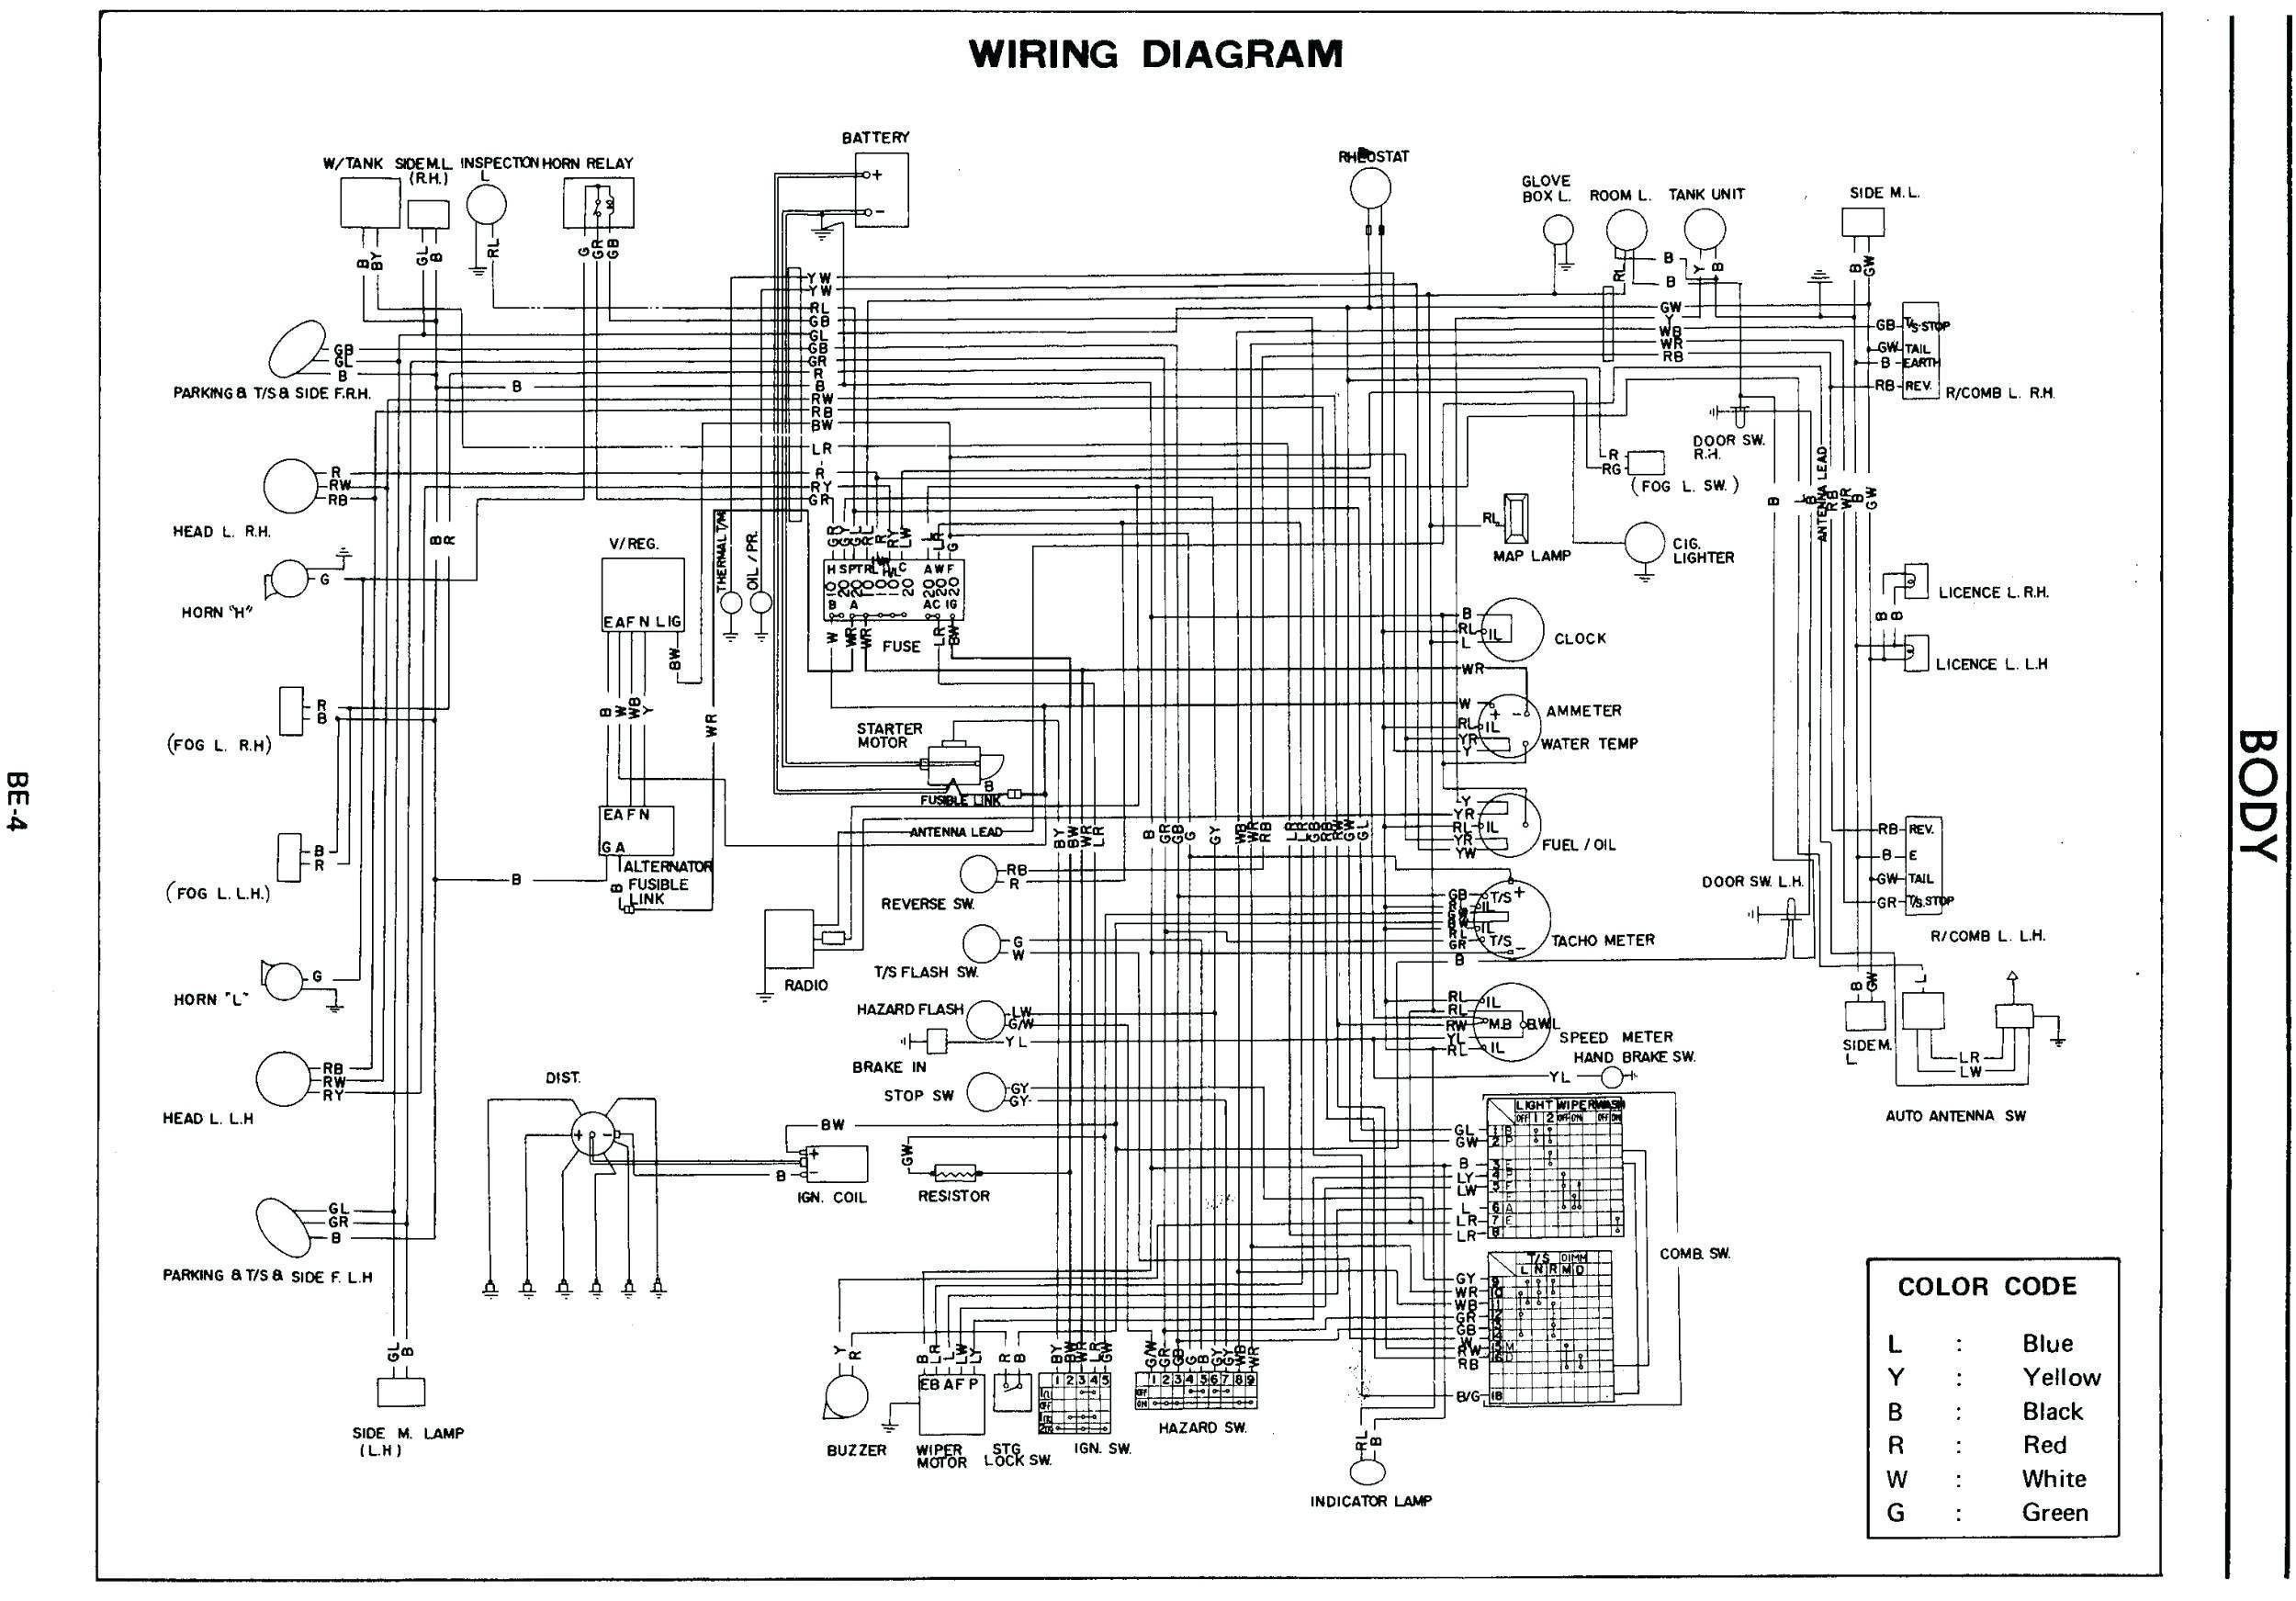 2003 Dodge Dakota Tail Light Wiring Diagram